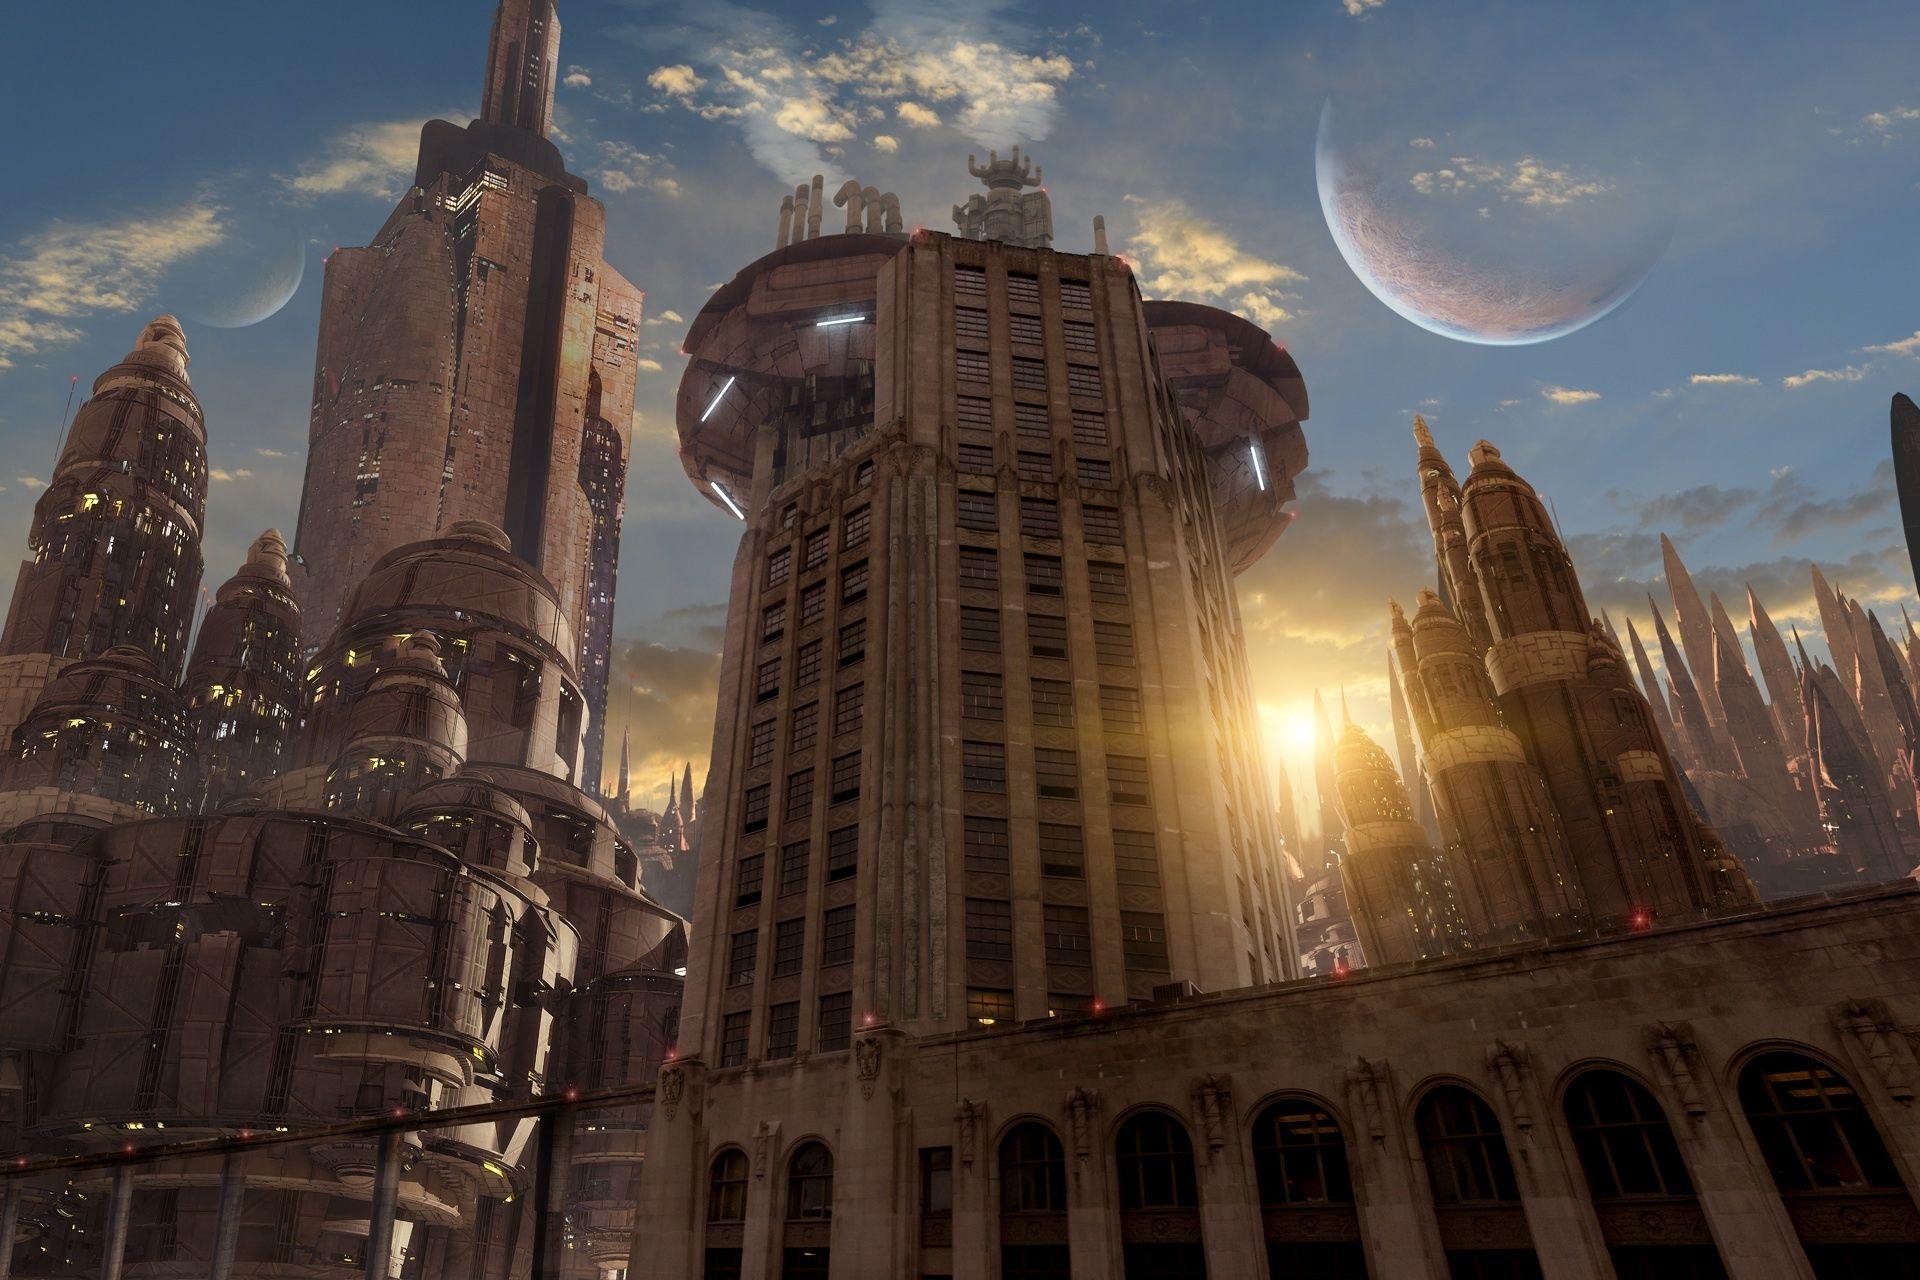 предпочитаете космические города фото предположение, что